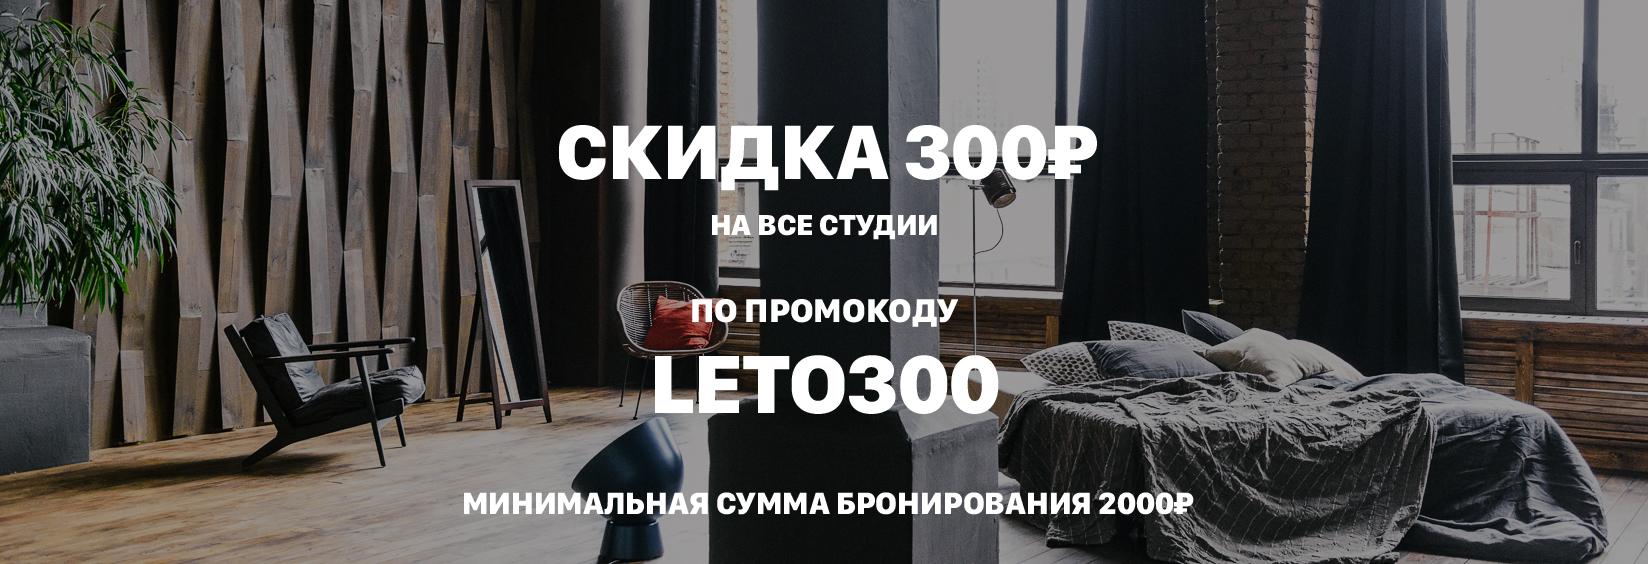 Leto300